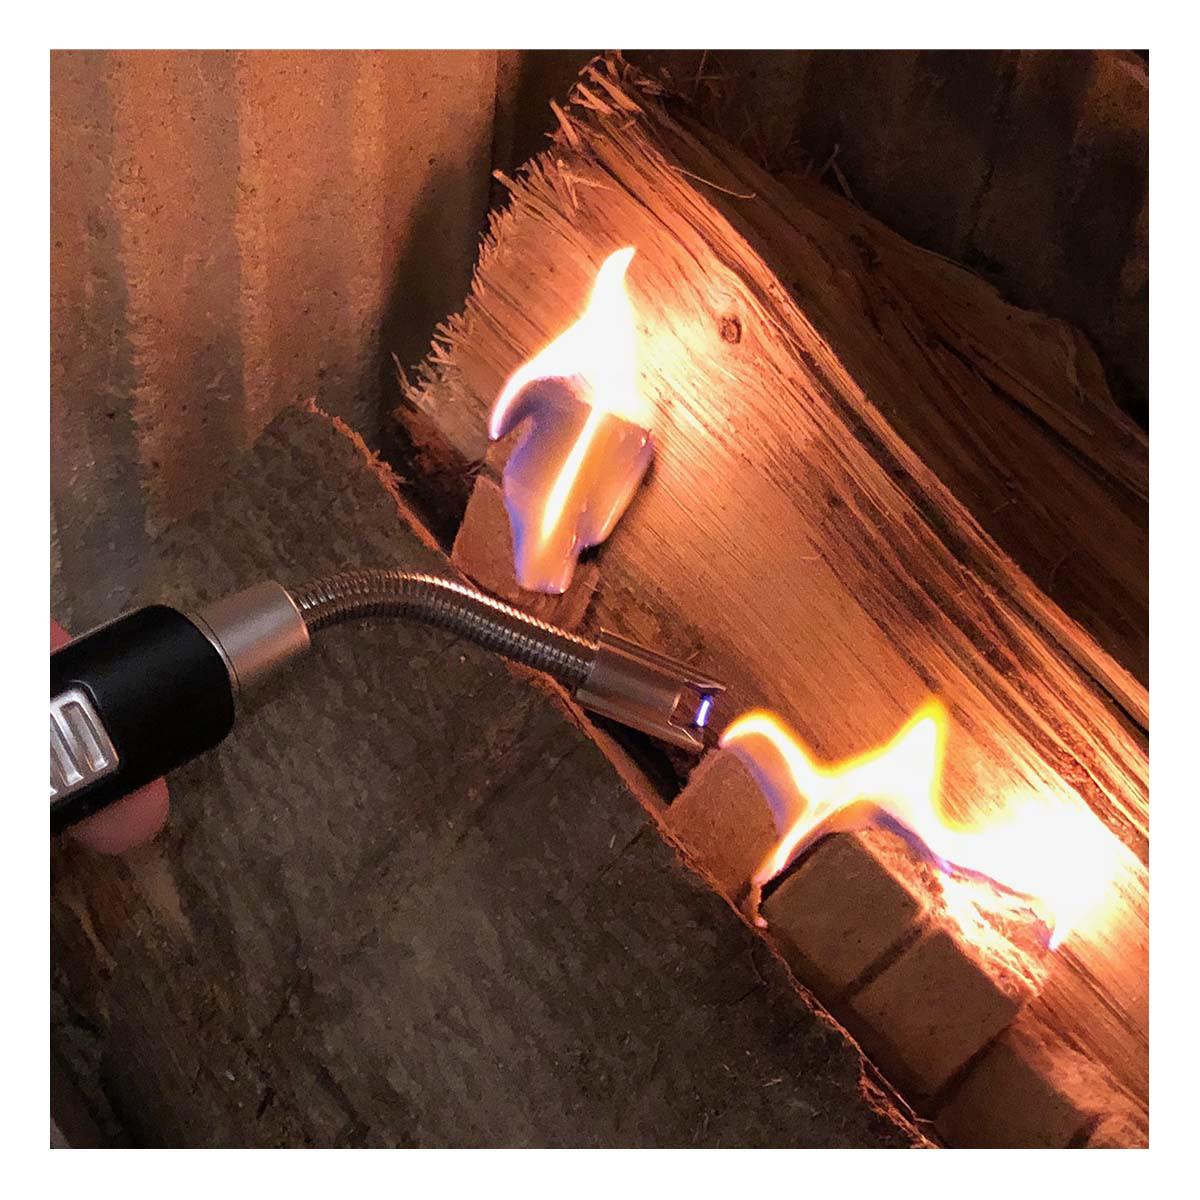 98-1118-01-elektronisches-lichtbogen-stabfeuerzeug-mit-flexiblem-hals-anwendung2-1200x1200px.jpg